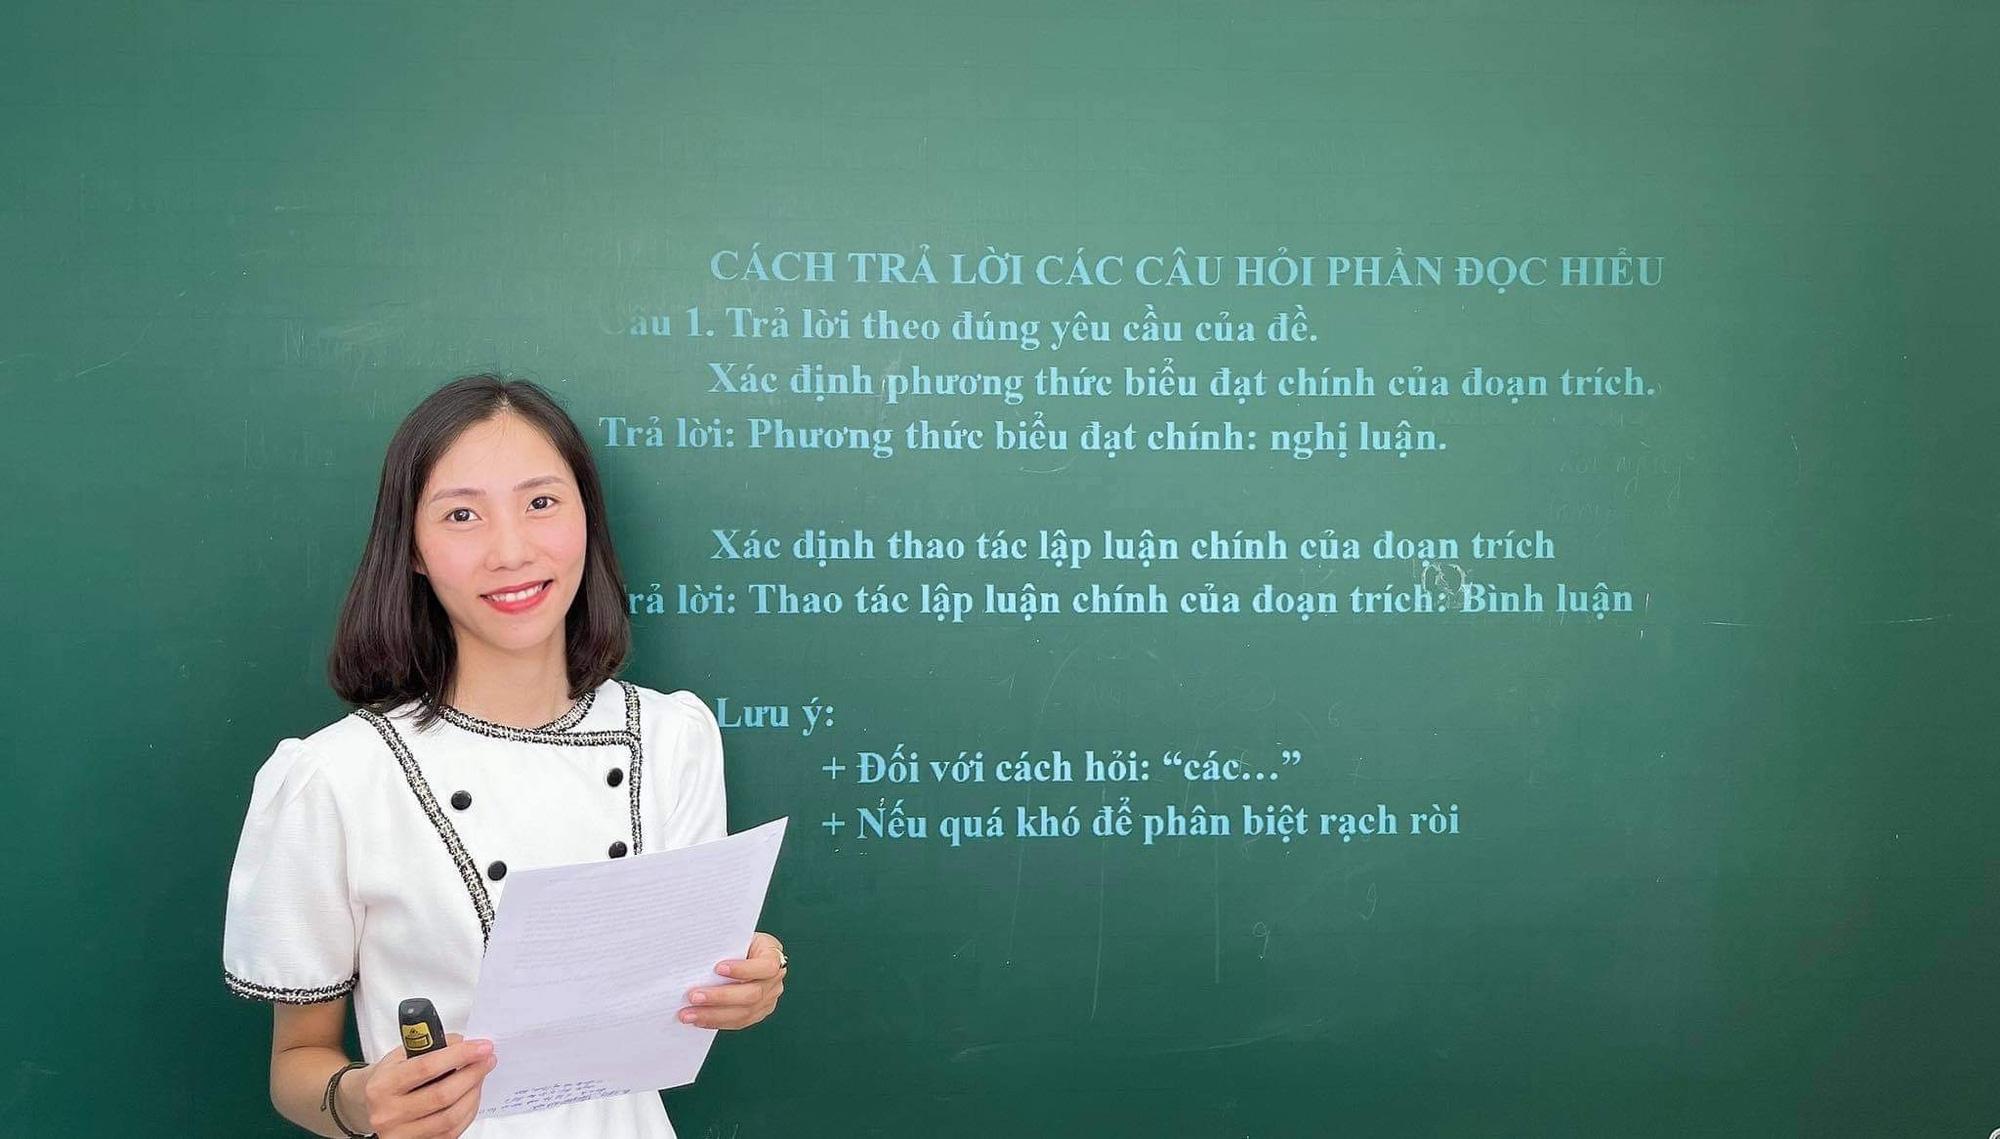 Giảng Văn online Trần Thị Thùy Dương - từ niềm đam mê môn Văn bất tận đến tình yêu dạy học trực tuyến - Ảnh 1.